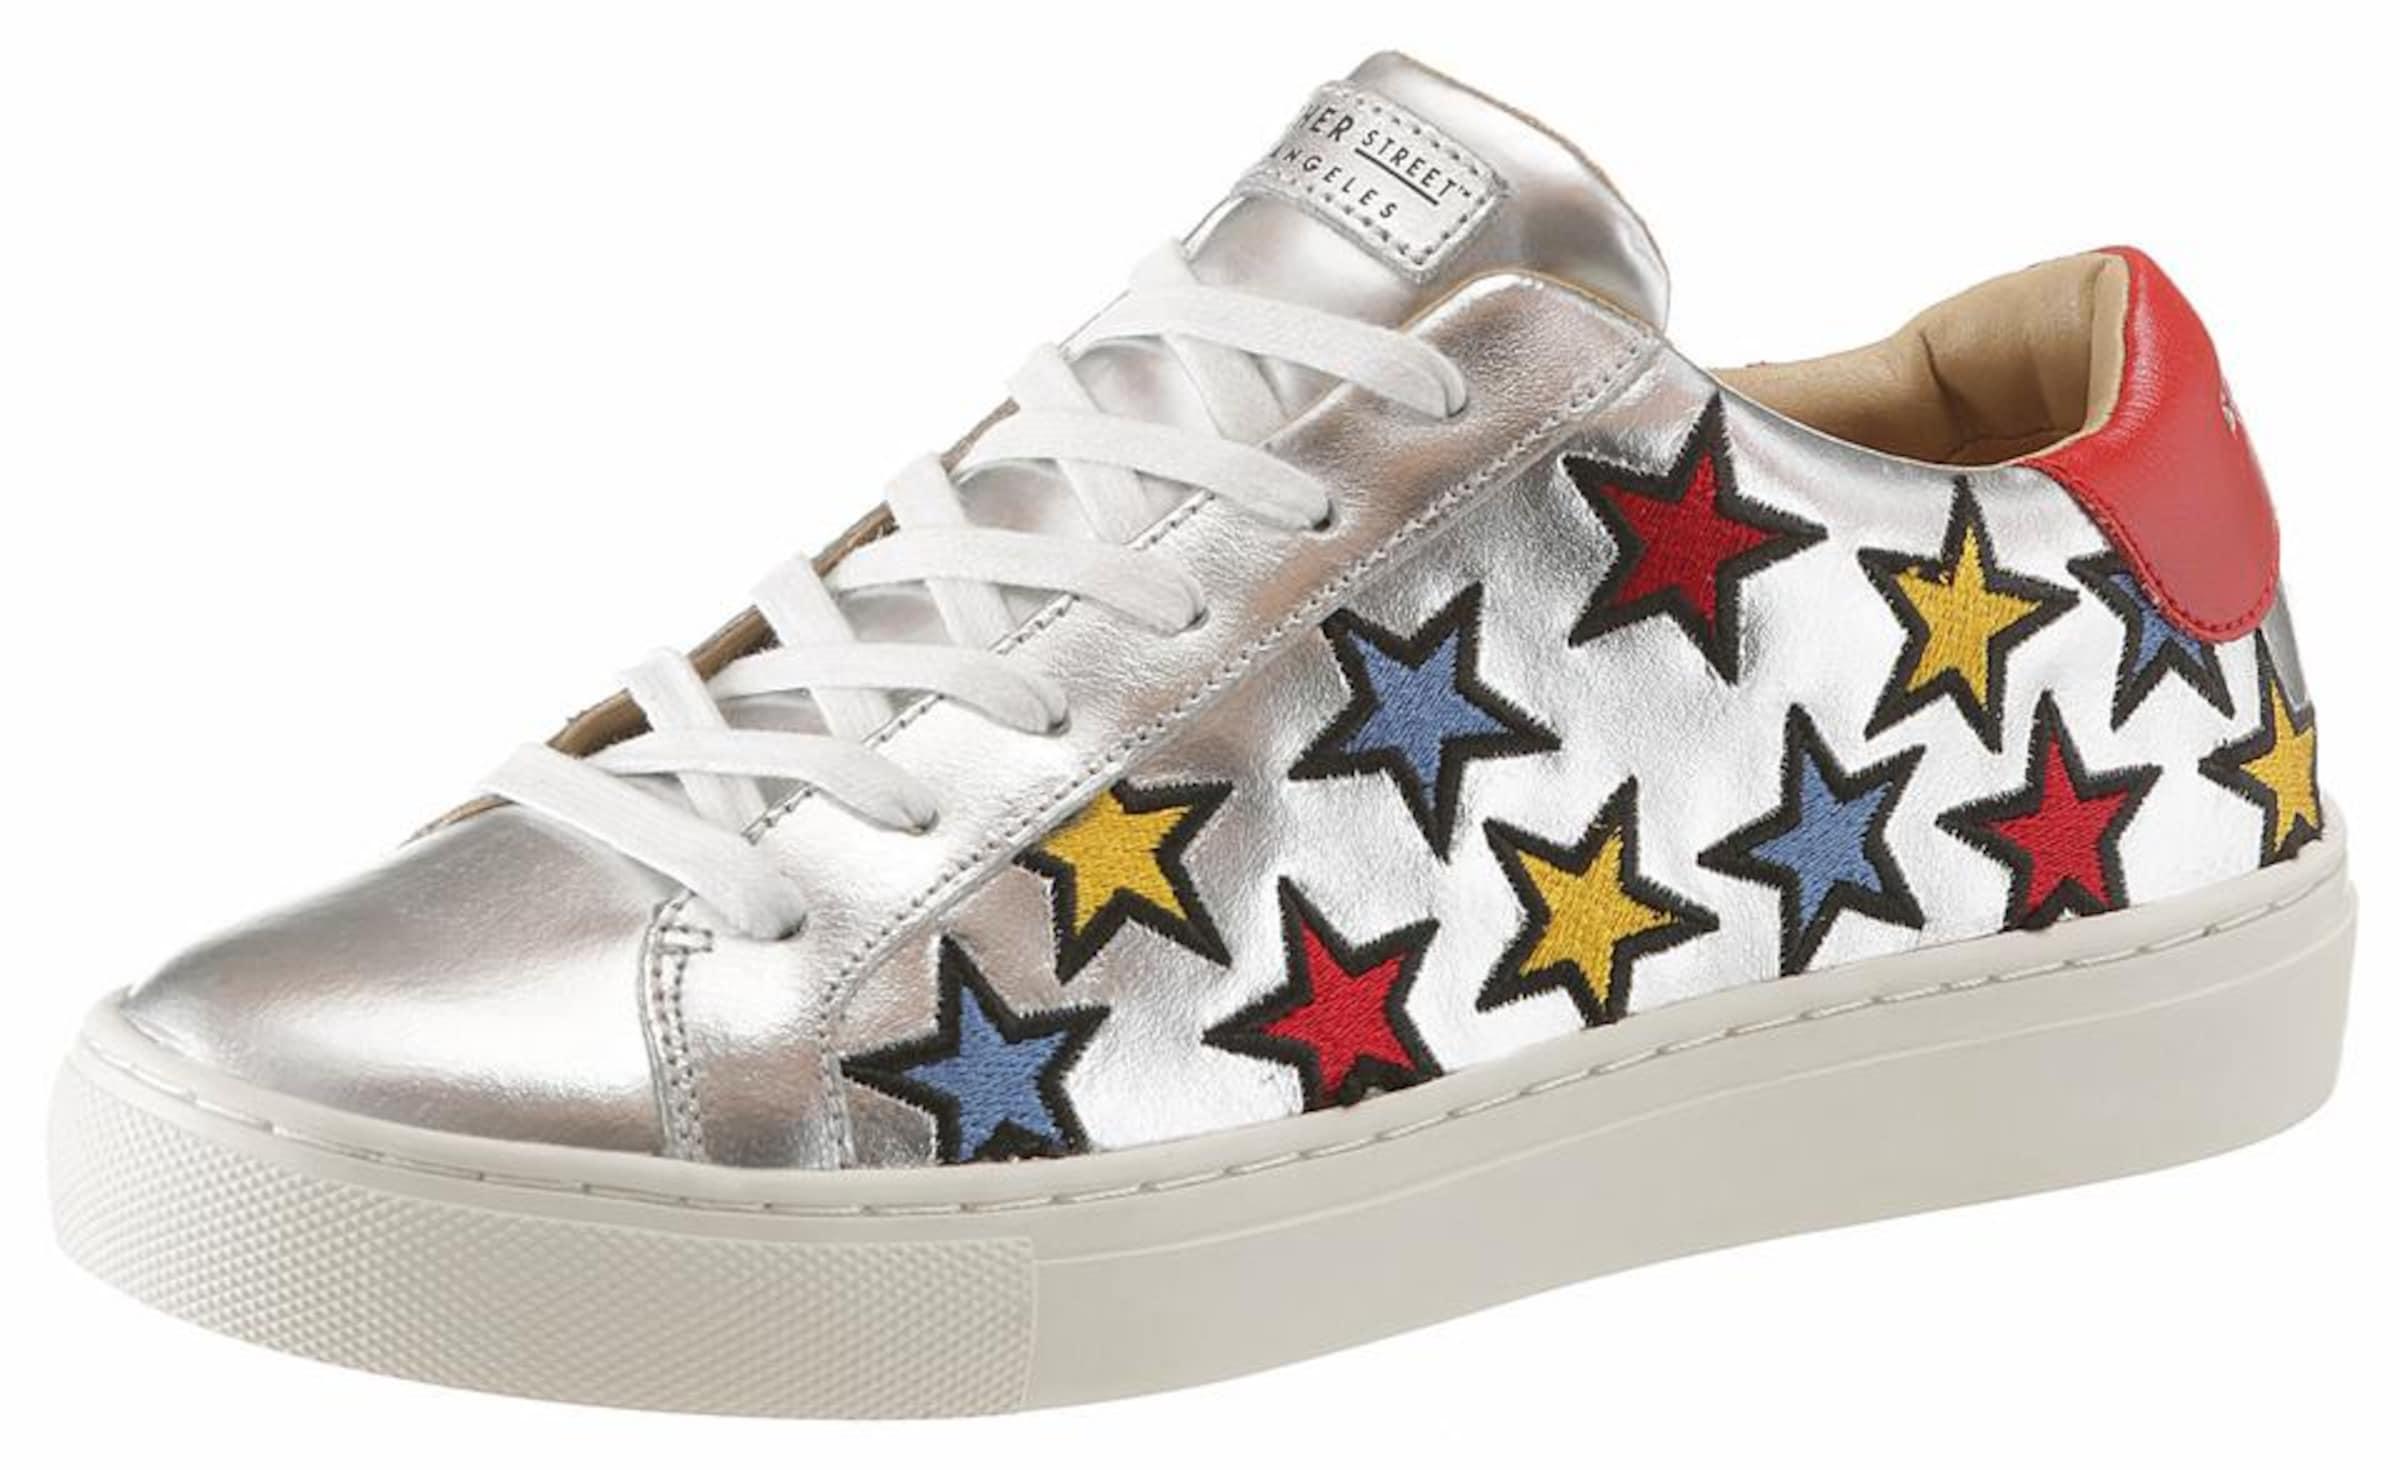 SKECHERS Sneaker »Side Street-Star Side Embroidery« Rabatt Beliebt Billig Verkauf Verkauf Sammlungen Günstiger Preis Low-Cost Online Webseiten Günstig Online ajVjoV64